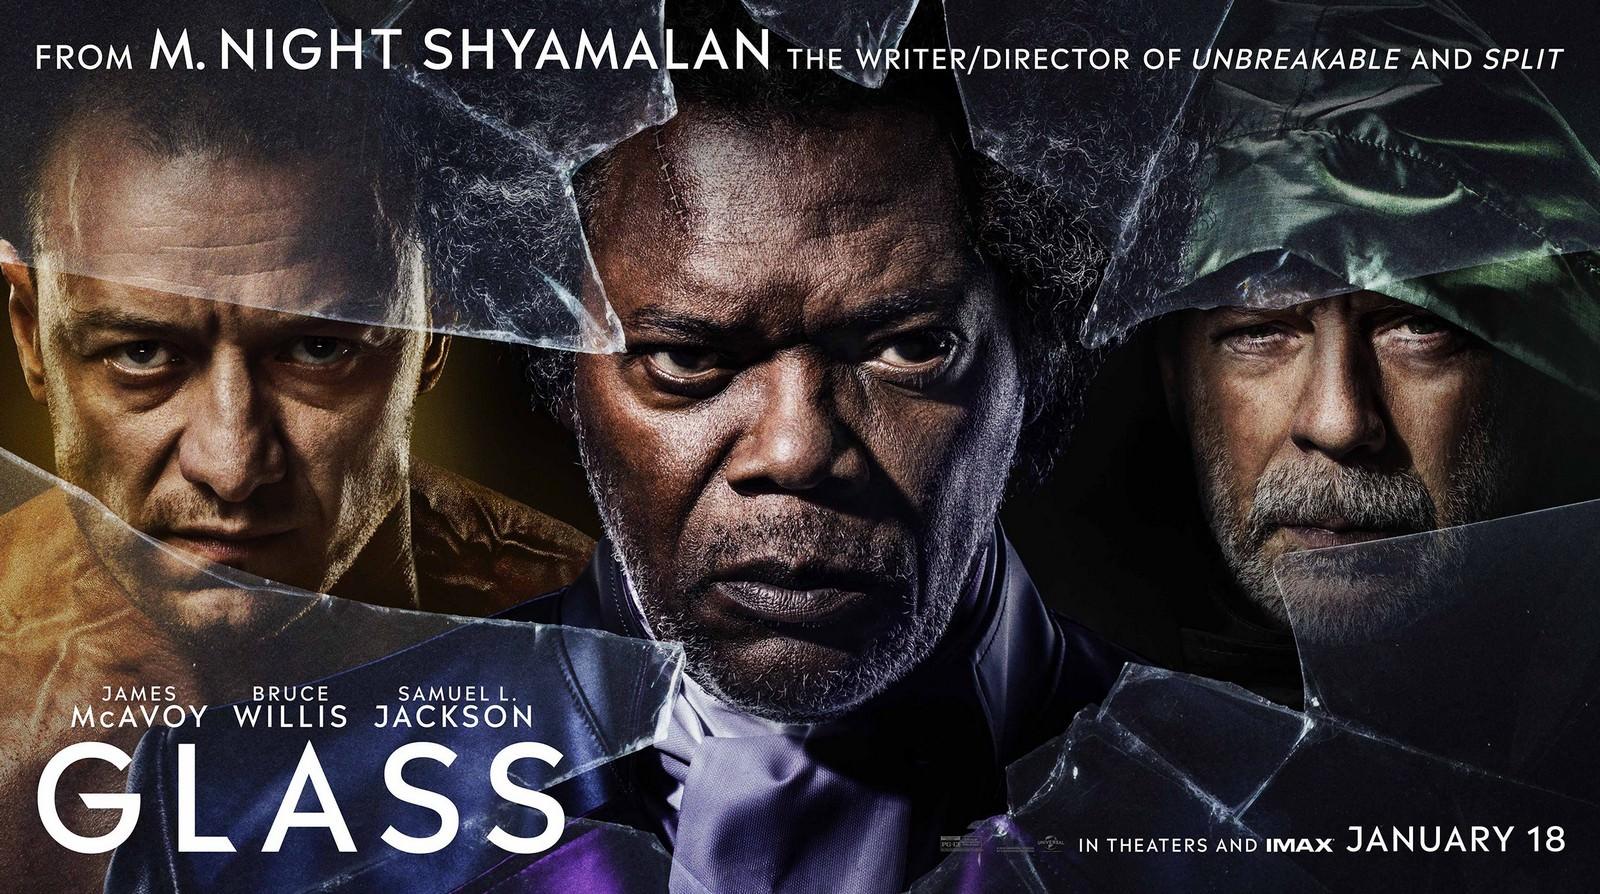 Movie, Glass(美國, 2019年) / 異裂(台灣) / 異能仨(香港) / 玻璃先生(網路), 電影海報, 美國, 橫版